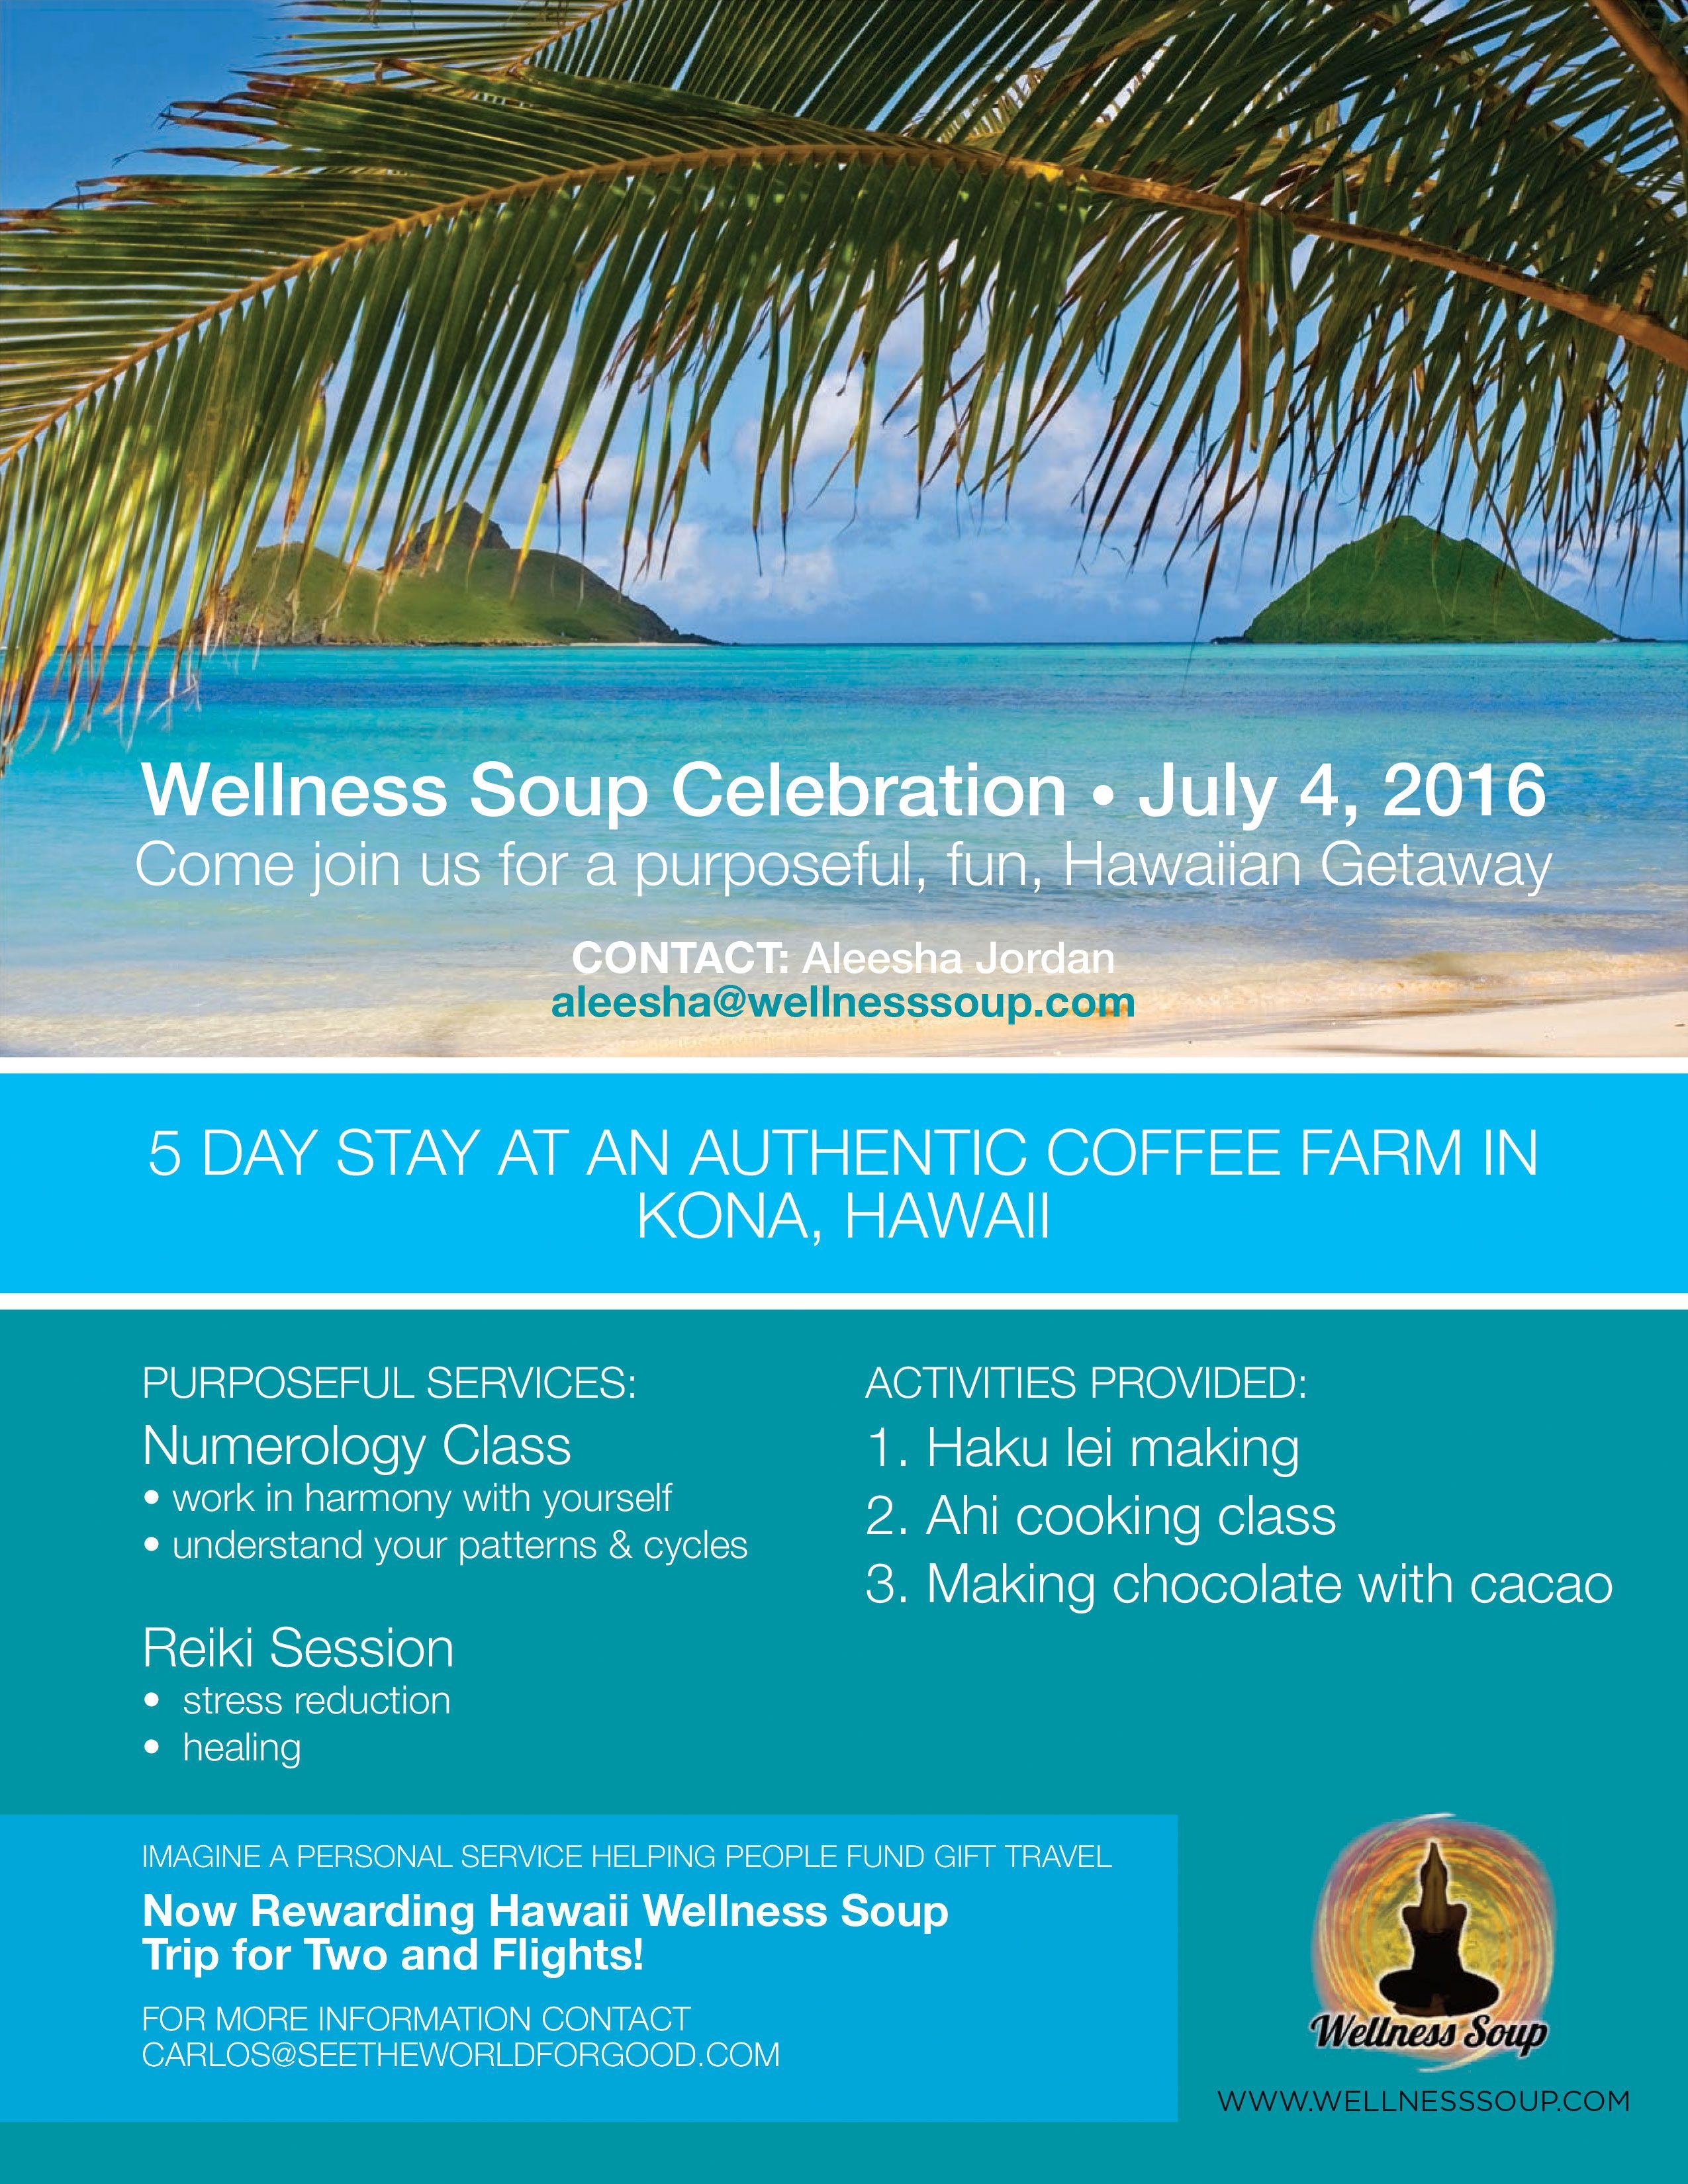 Wellness-Soup-flyer Aleesha